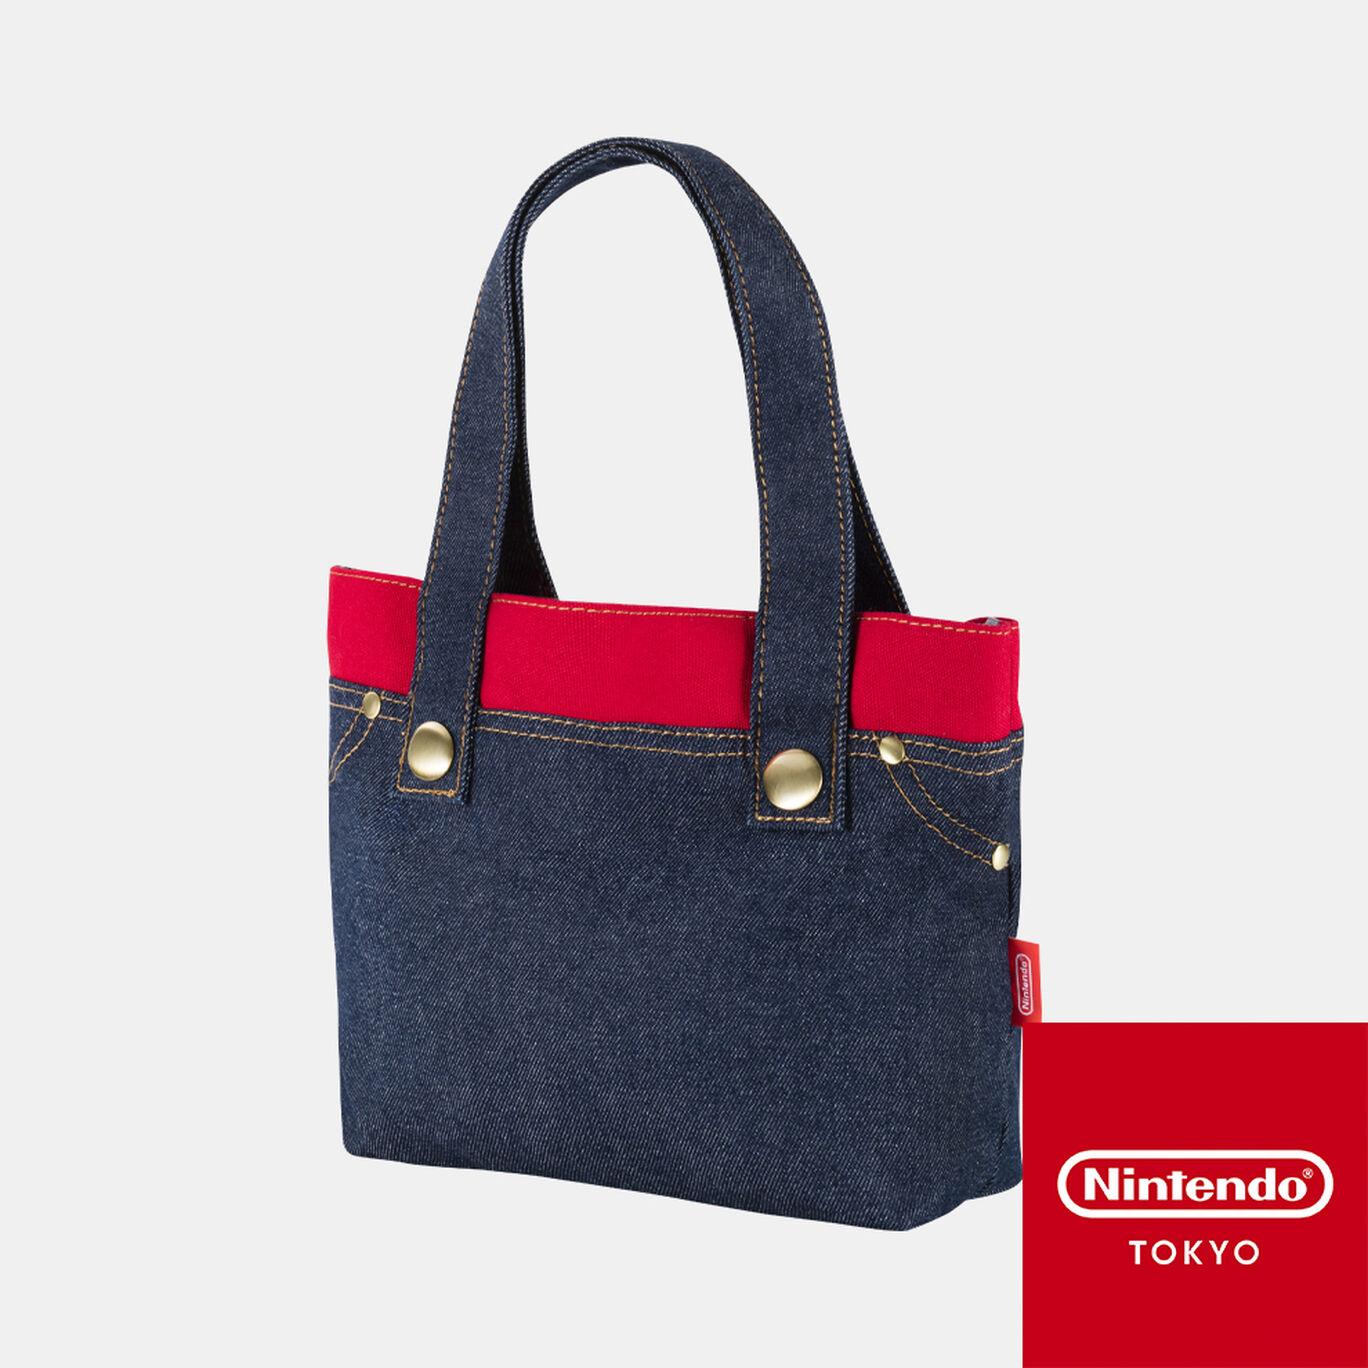 ミニトート スーパーマリオ【Nintendo TOKYO取り扱い商品】